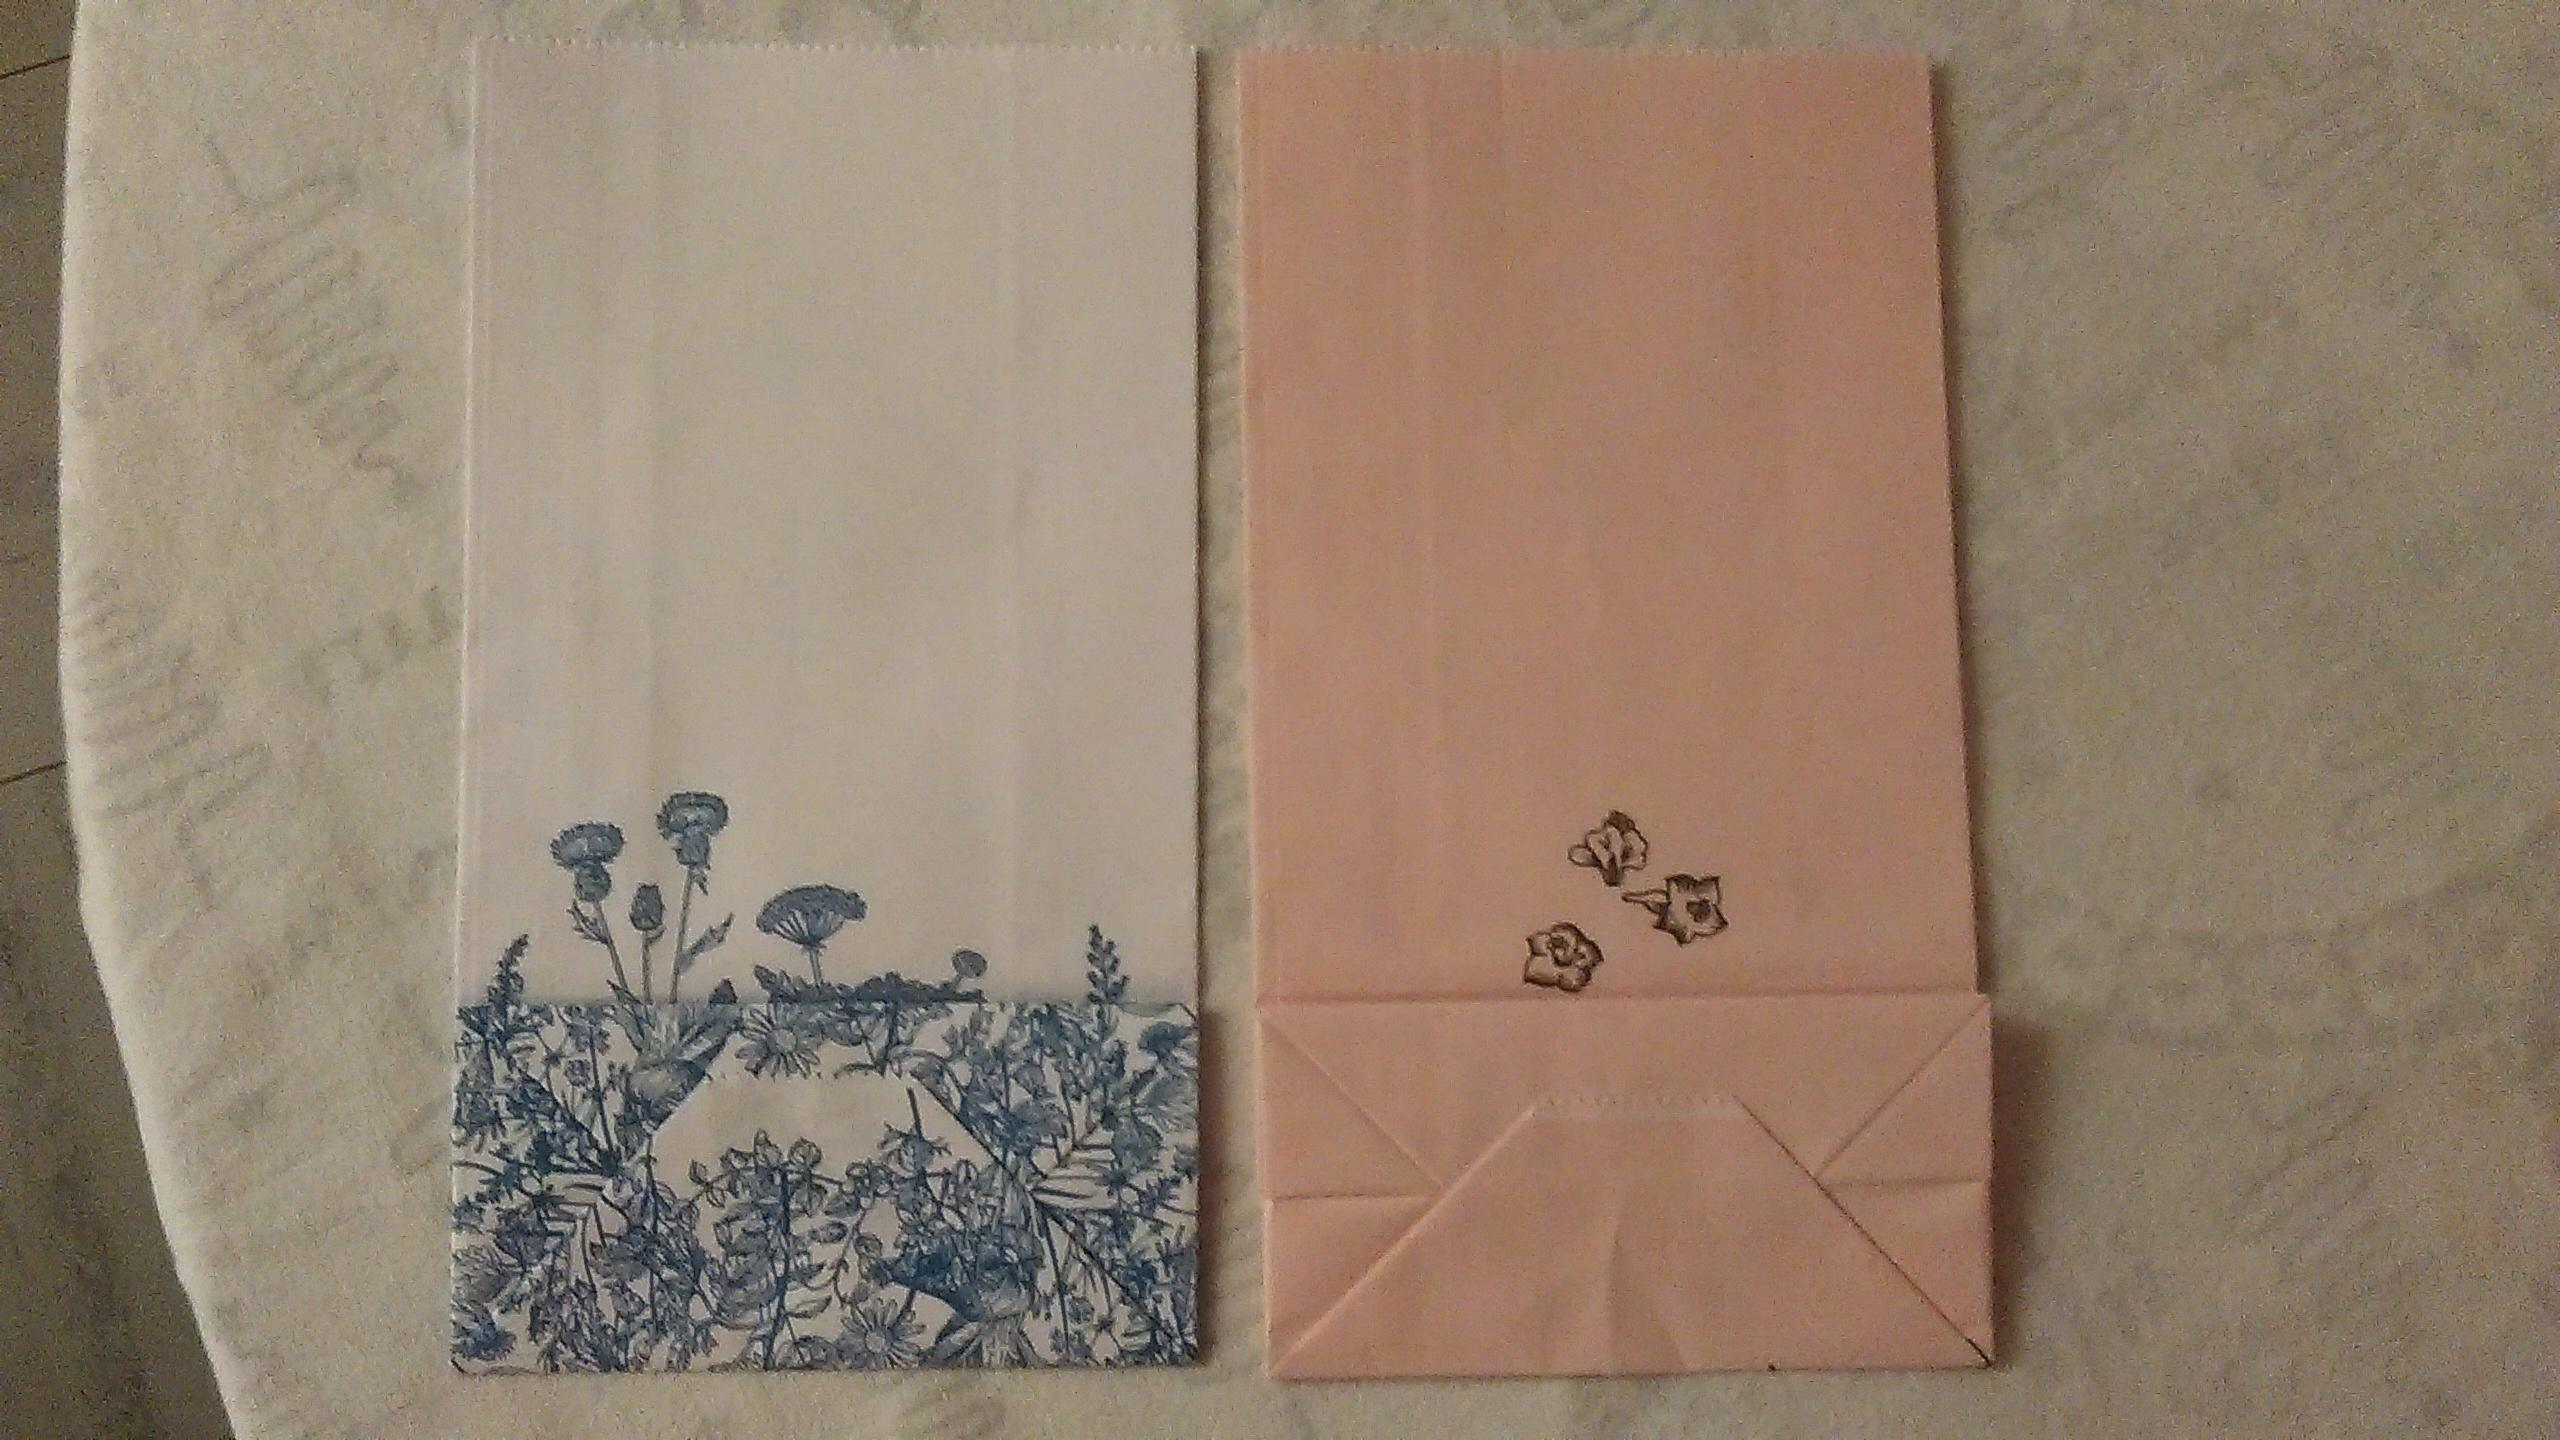 troc de troc 2 pochettes cadeaux. reservees. image 1